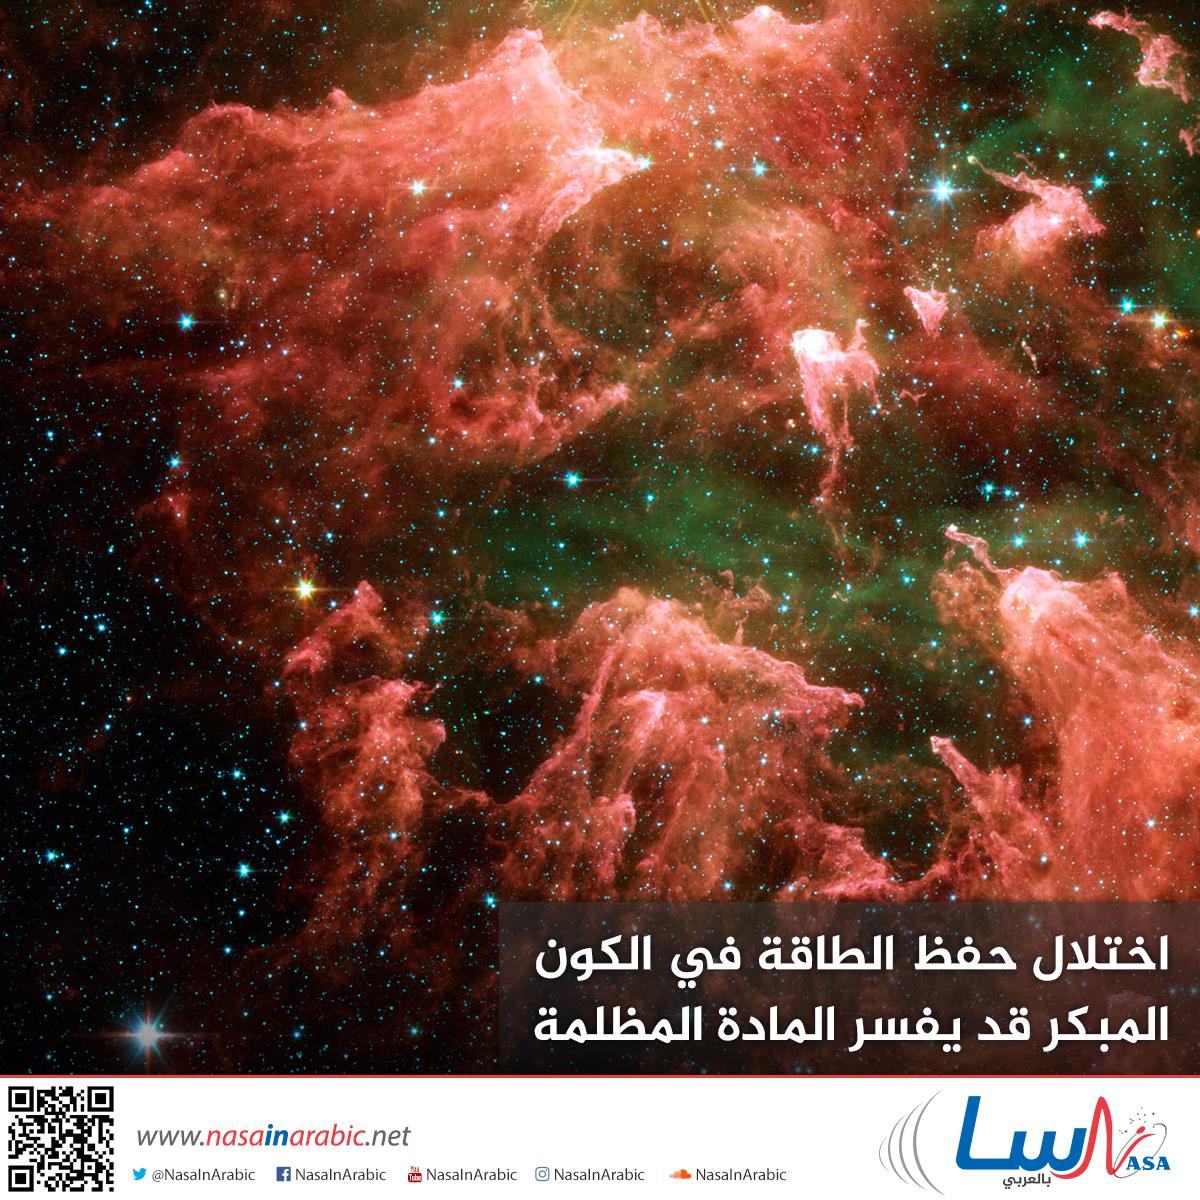 اختلال حفظ الطاقة في الكون المبكر قد يفسر المادة المظلمة